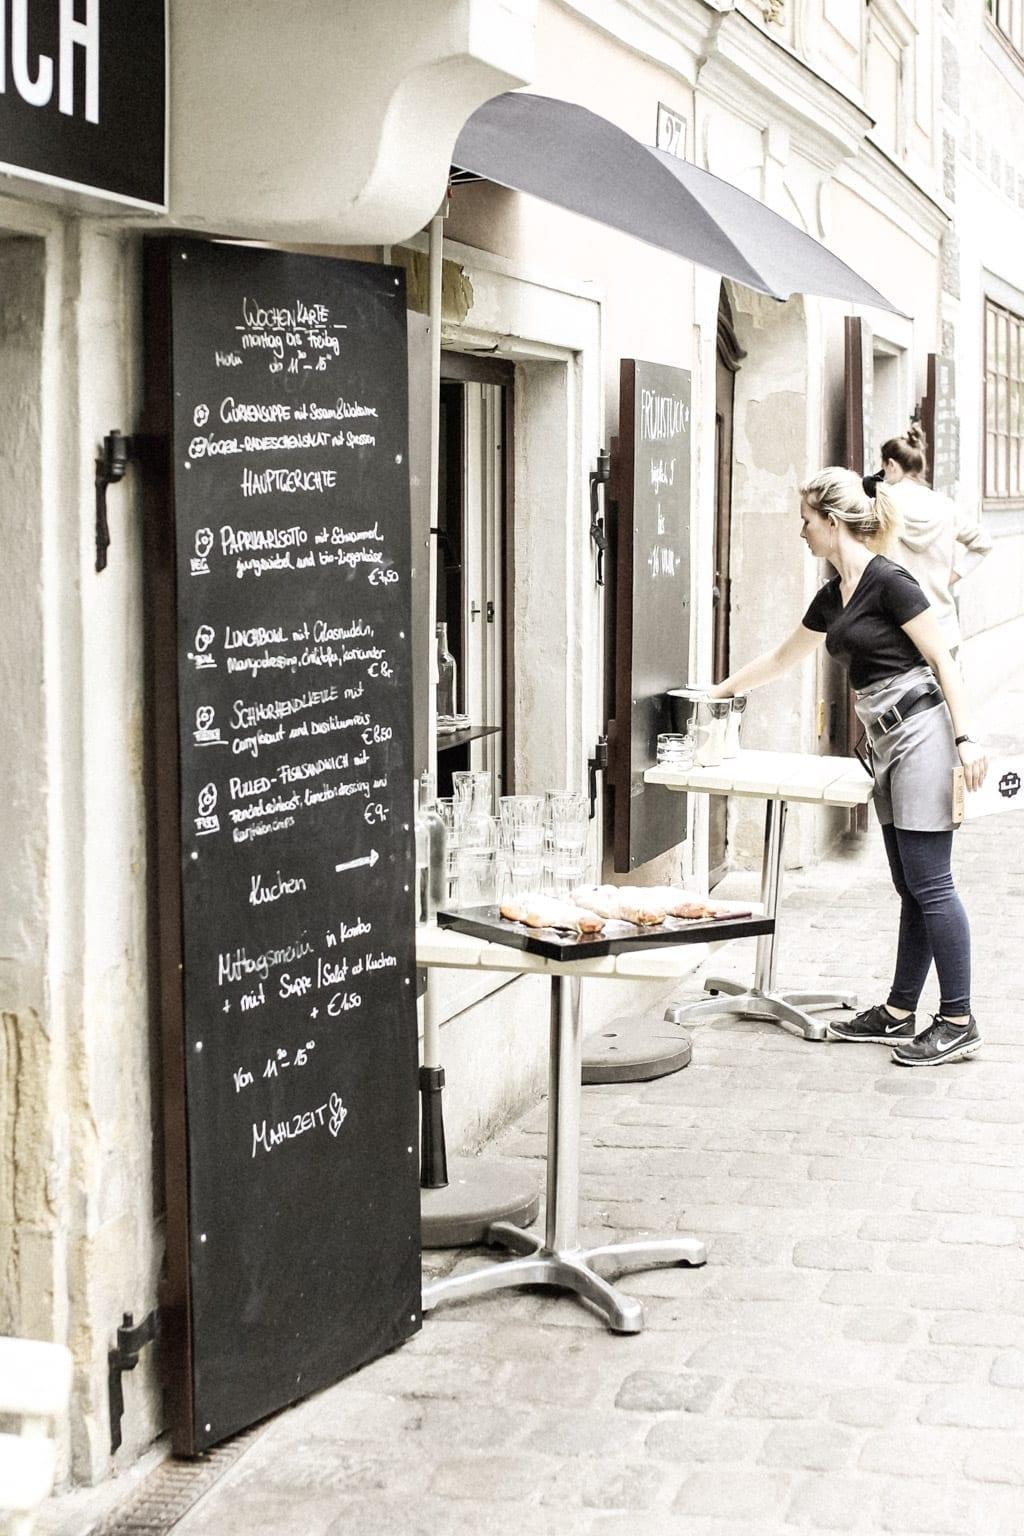 CK-1606-wien-restaurant-frühstück-brunch-tipp-erich-vienna-breakfast-cool-in-1634